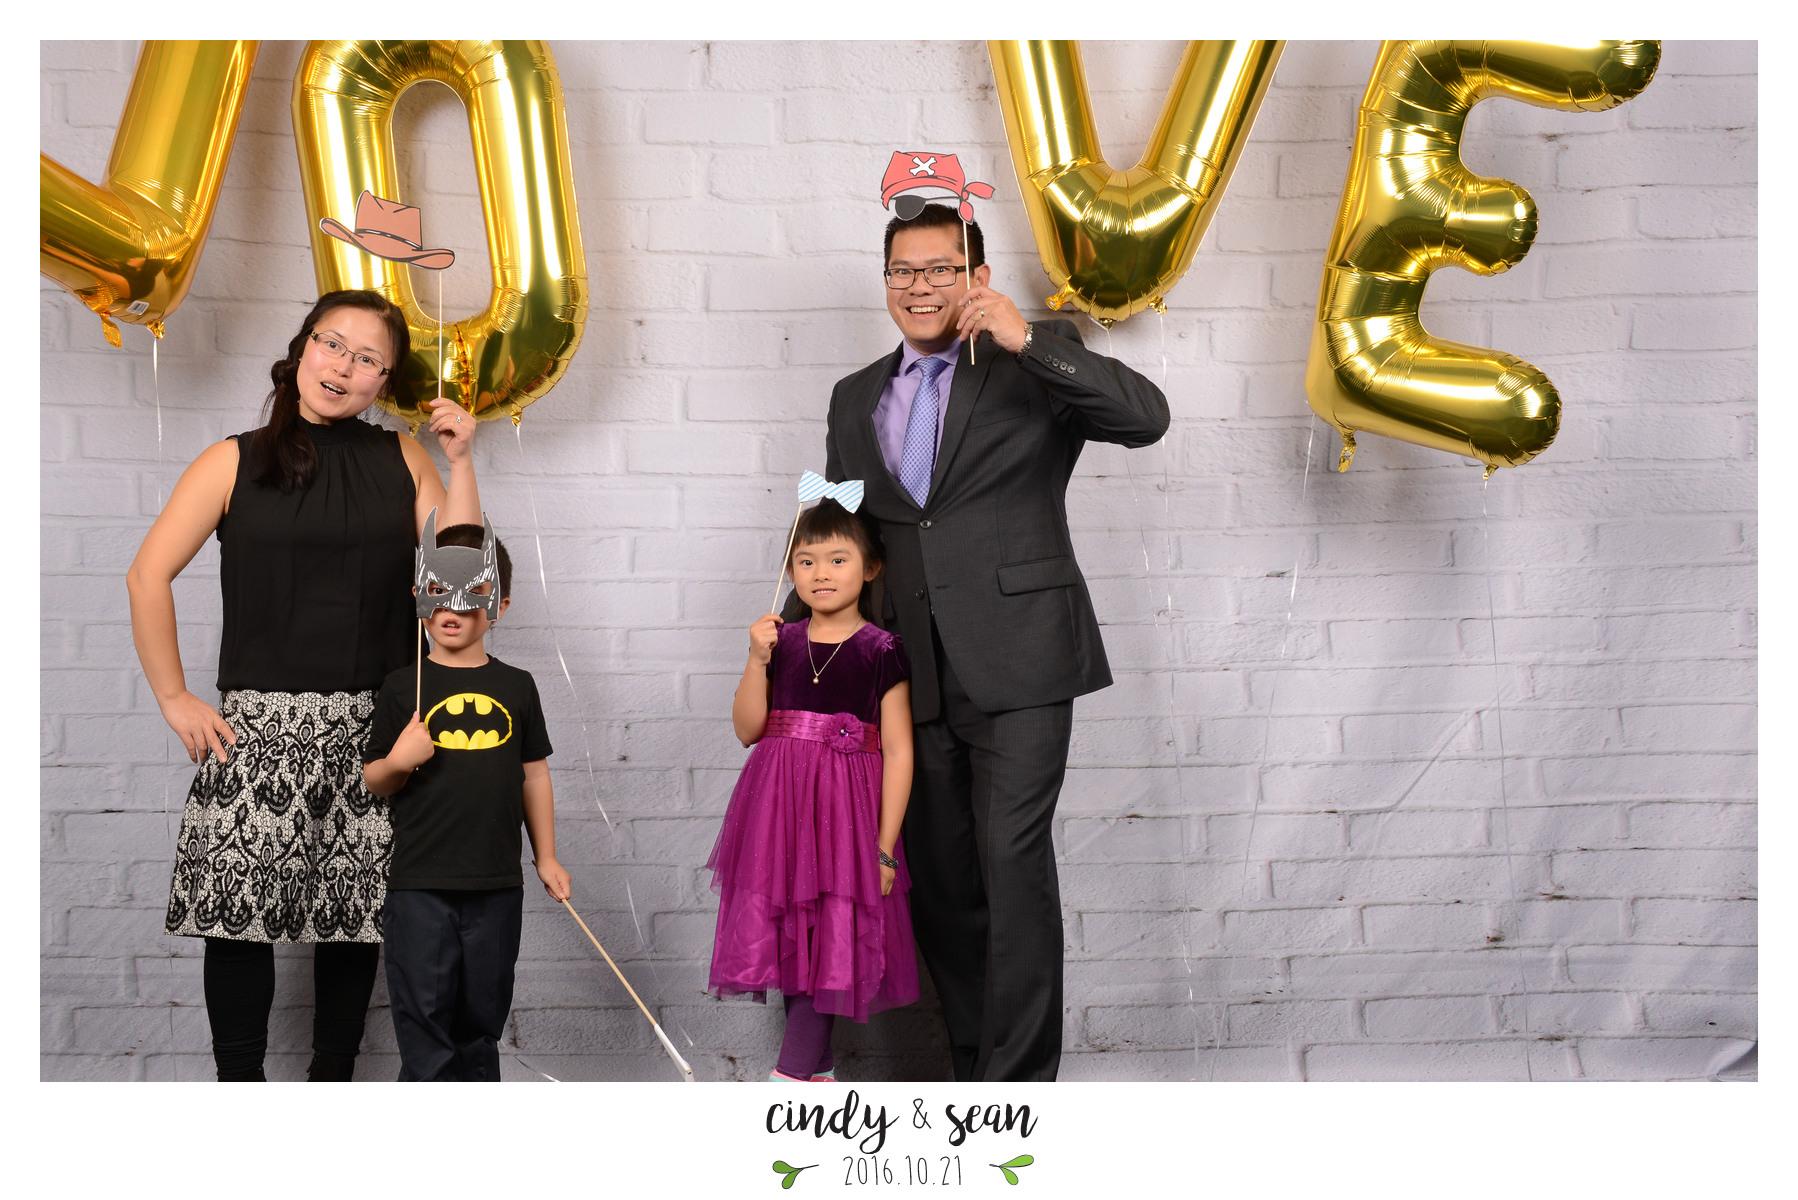 Cindy Sean Bae - 0001-53.jpg